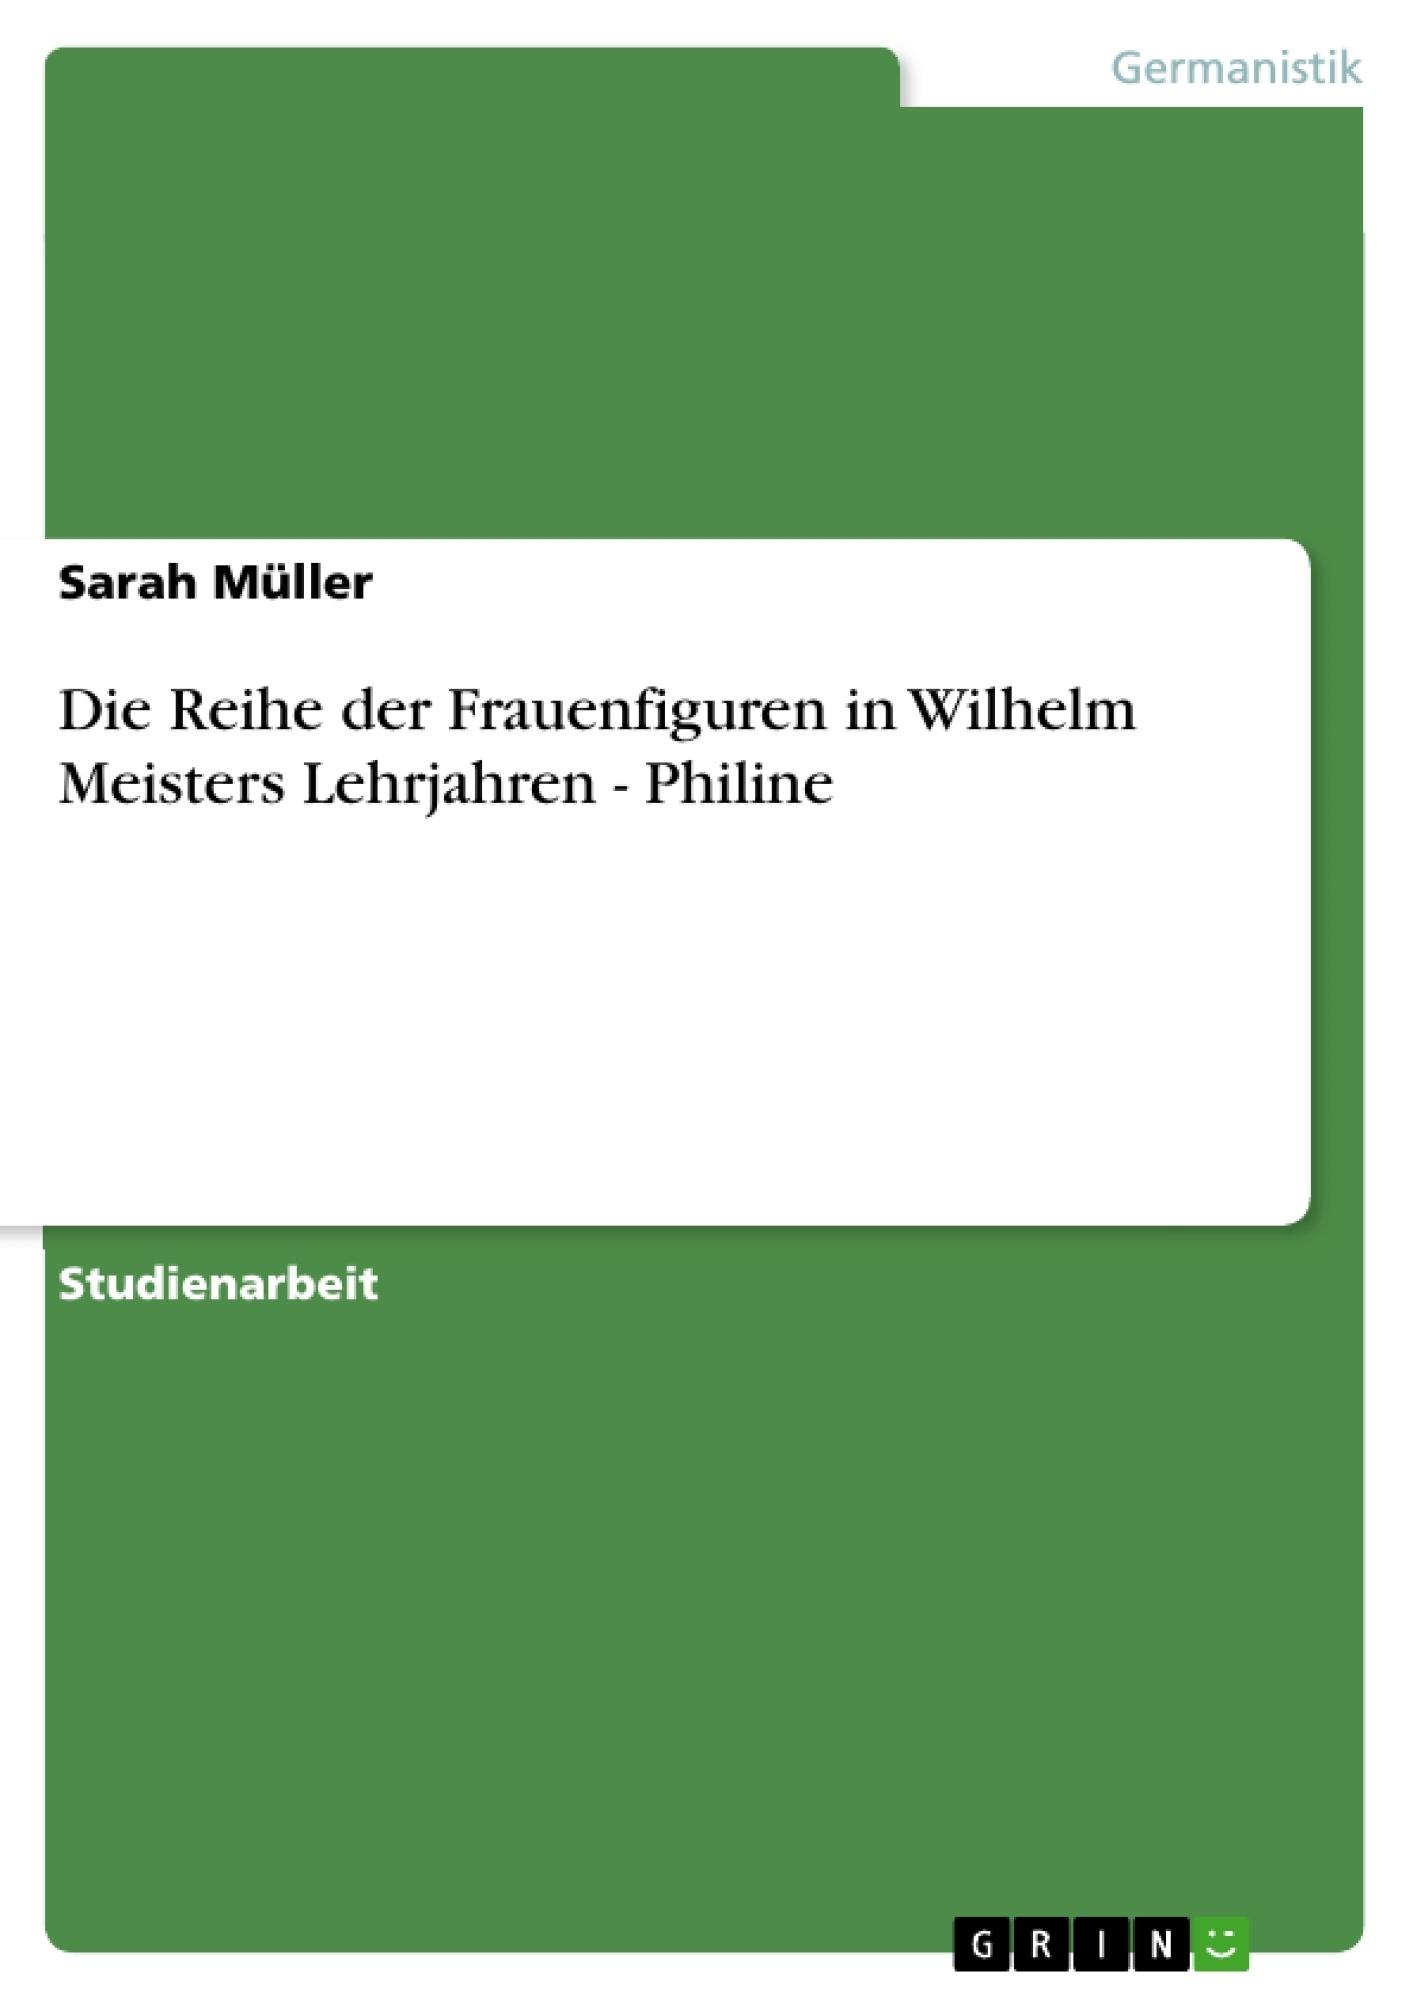 Titel: Die Reihe der Frauenfiguren in Wilhelm Meisters Lehrjahren - Philine